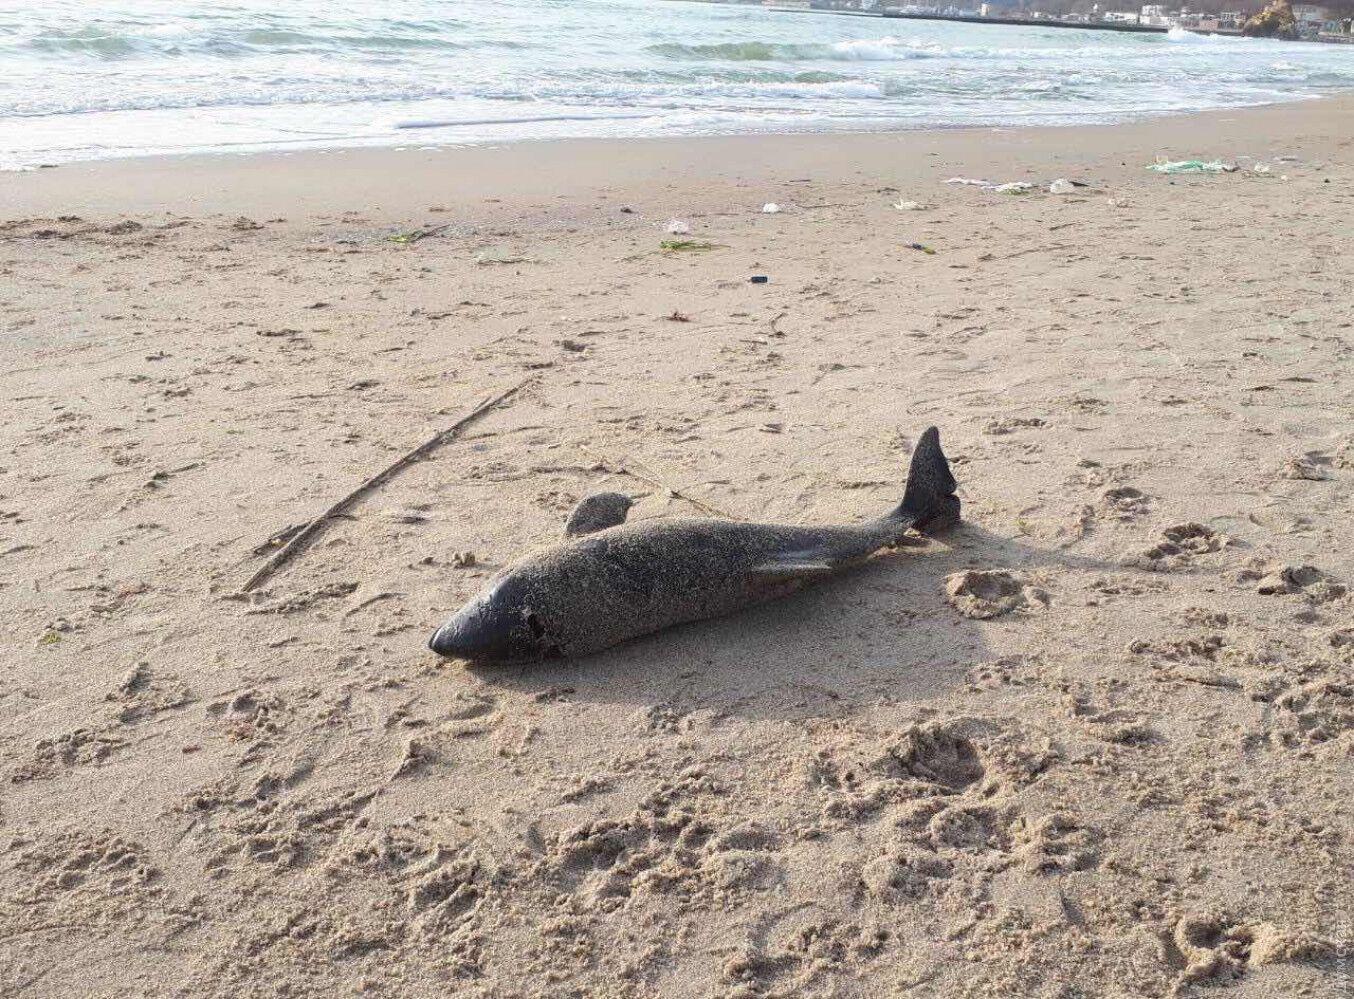 В Одесі на березі моря виявили загиблого дельфіна